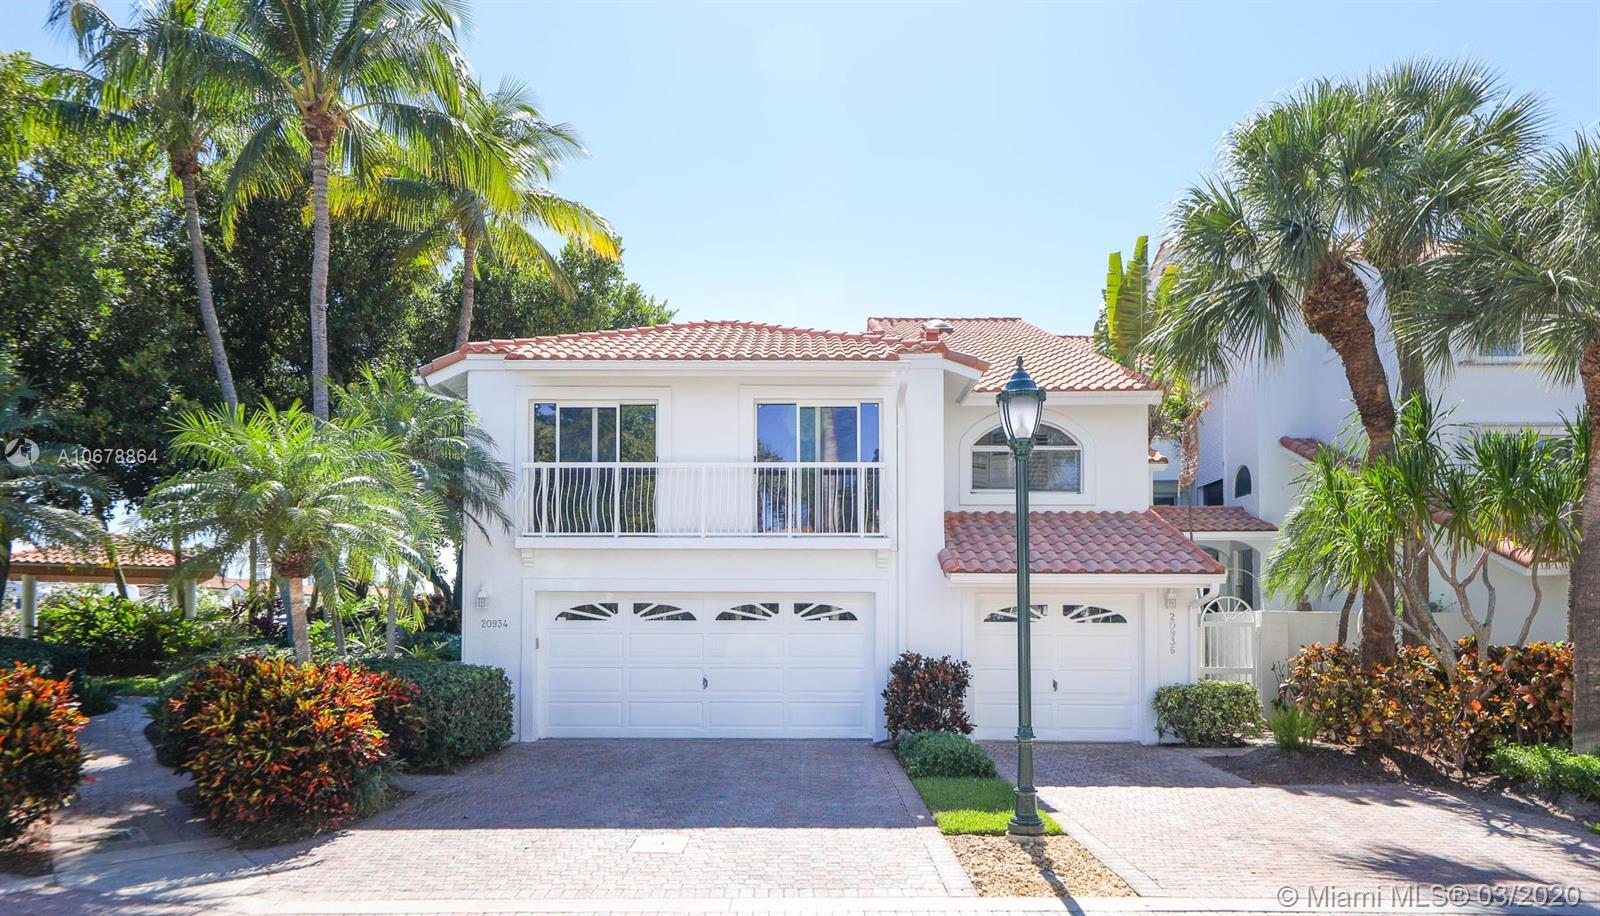 20934 NE 37th Ave #20934 For Sale A10678864, FL